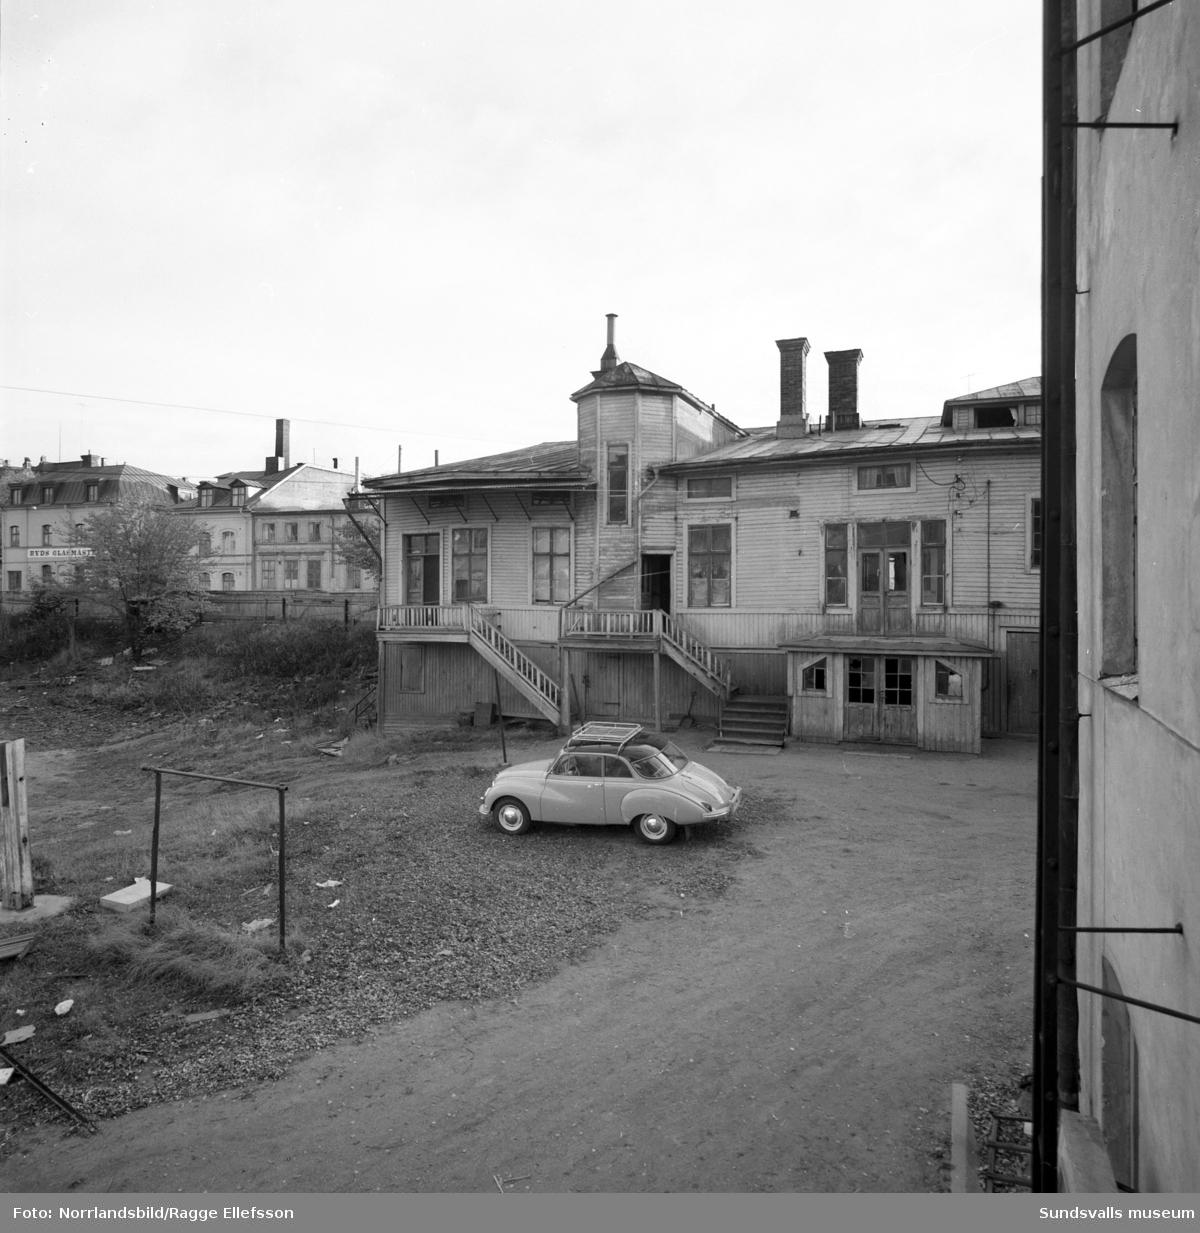 Bakgård i kvarteret Guldsmeden. Fotograferat österut från rivningshuset vid Hovrättsbacken 1.